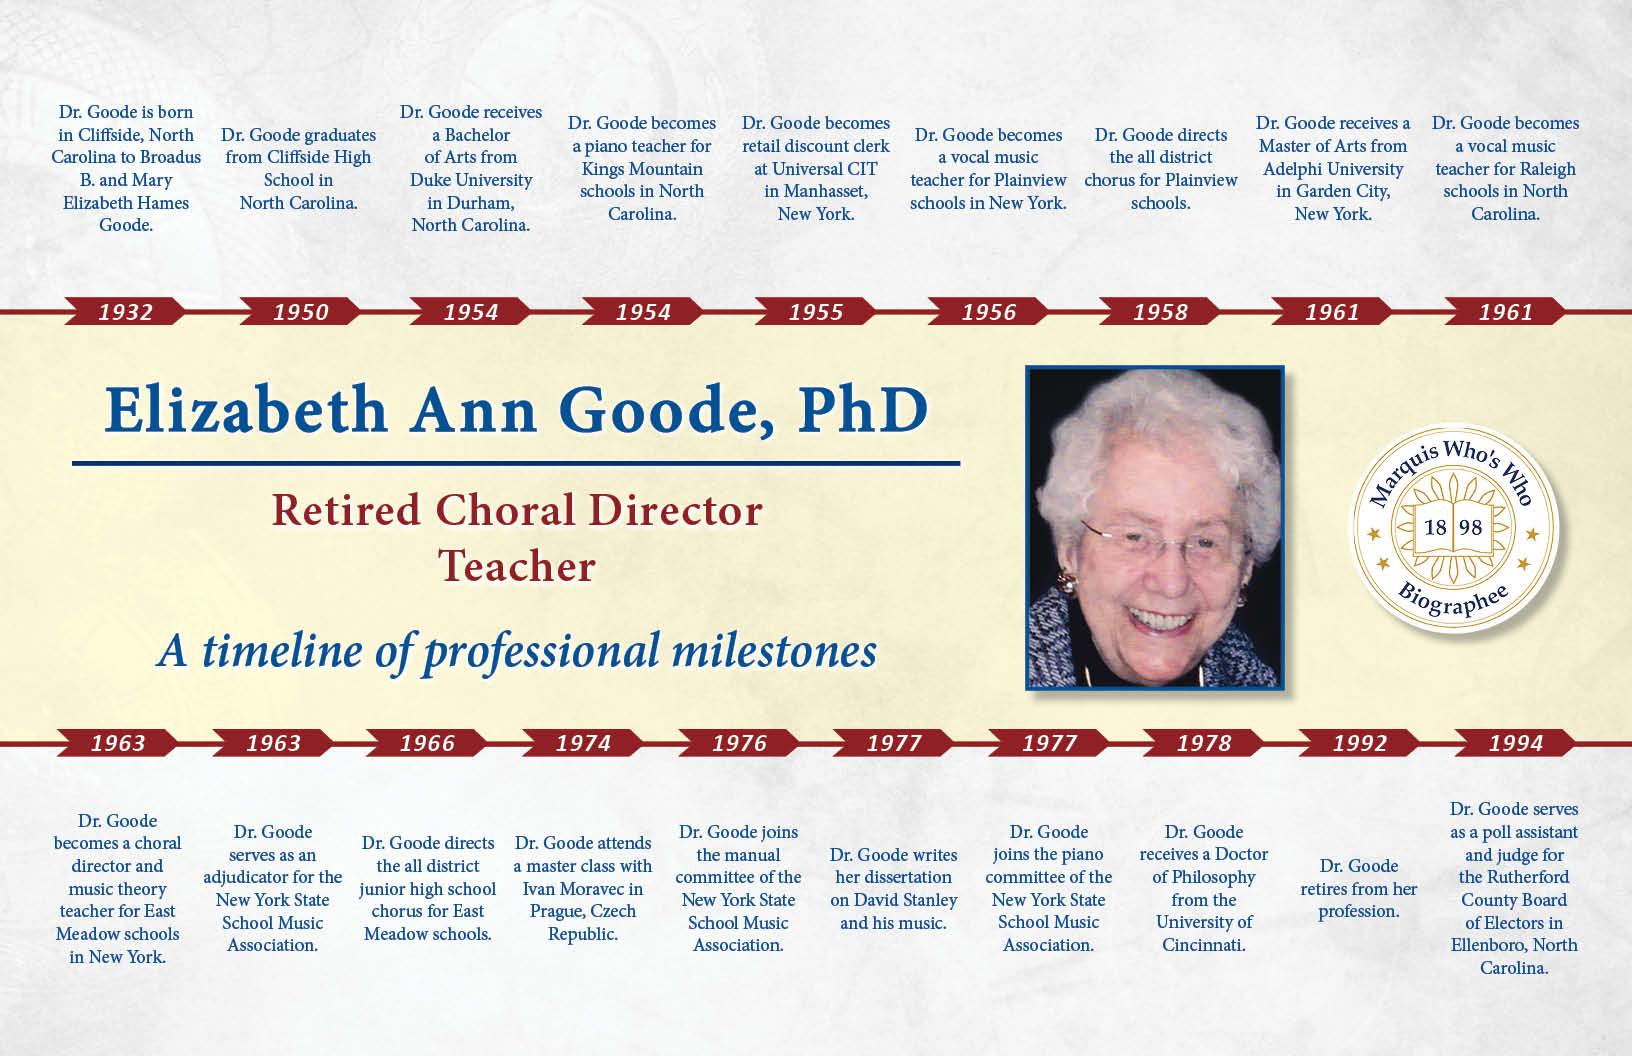 Elizabeth Goode Professional Milestones